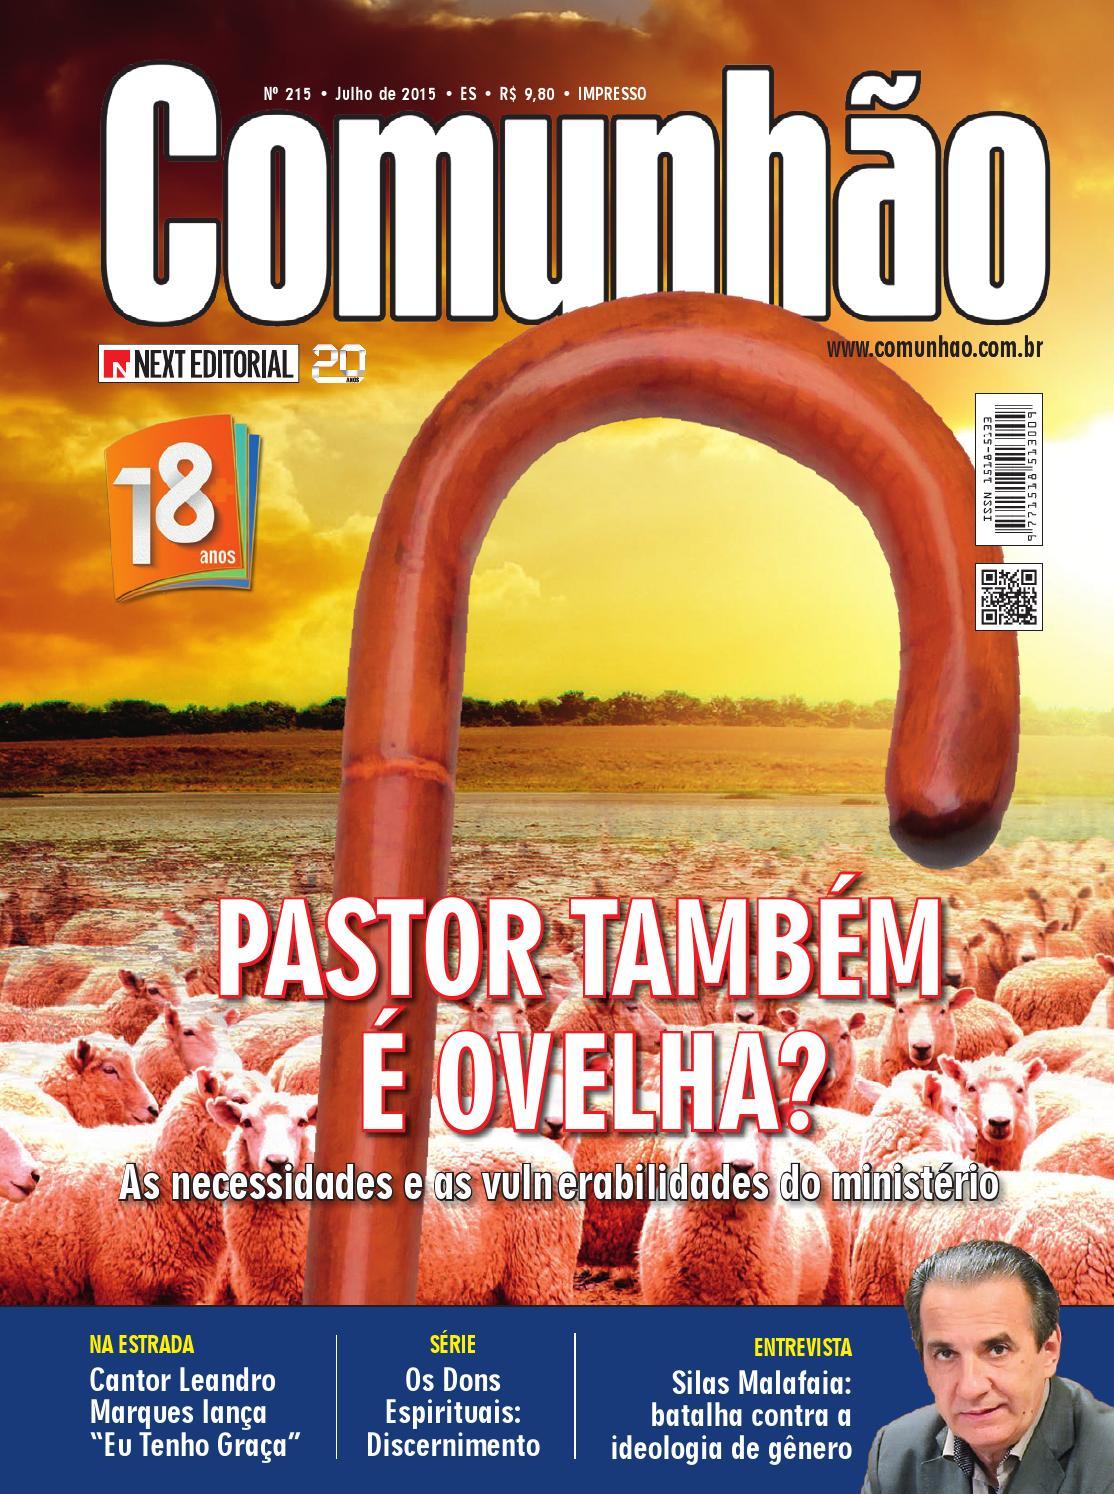 db5d4da42e2e6 Revista Comunhão 215 by Next Editorial - issuu